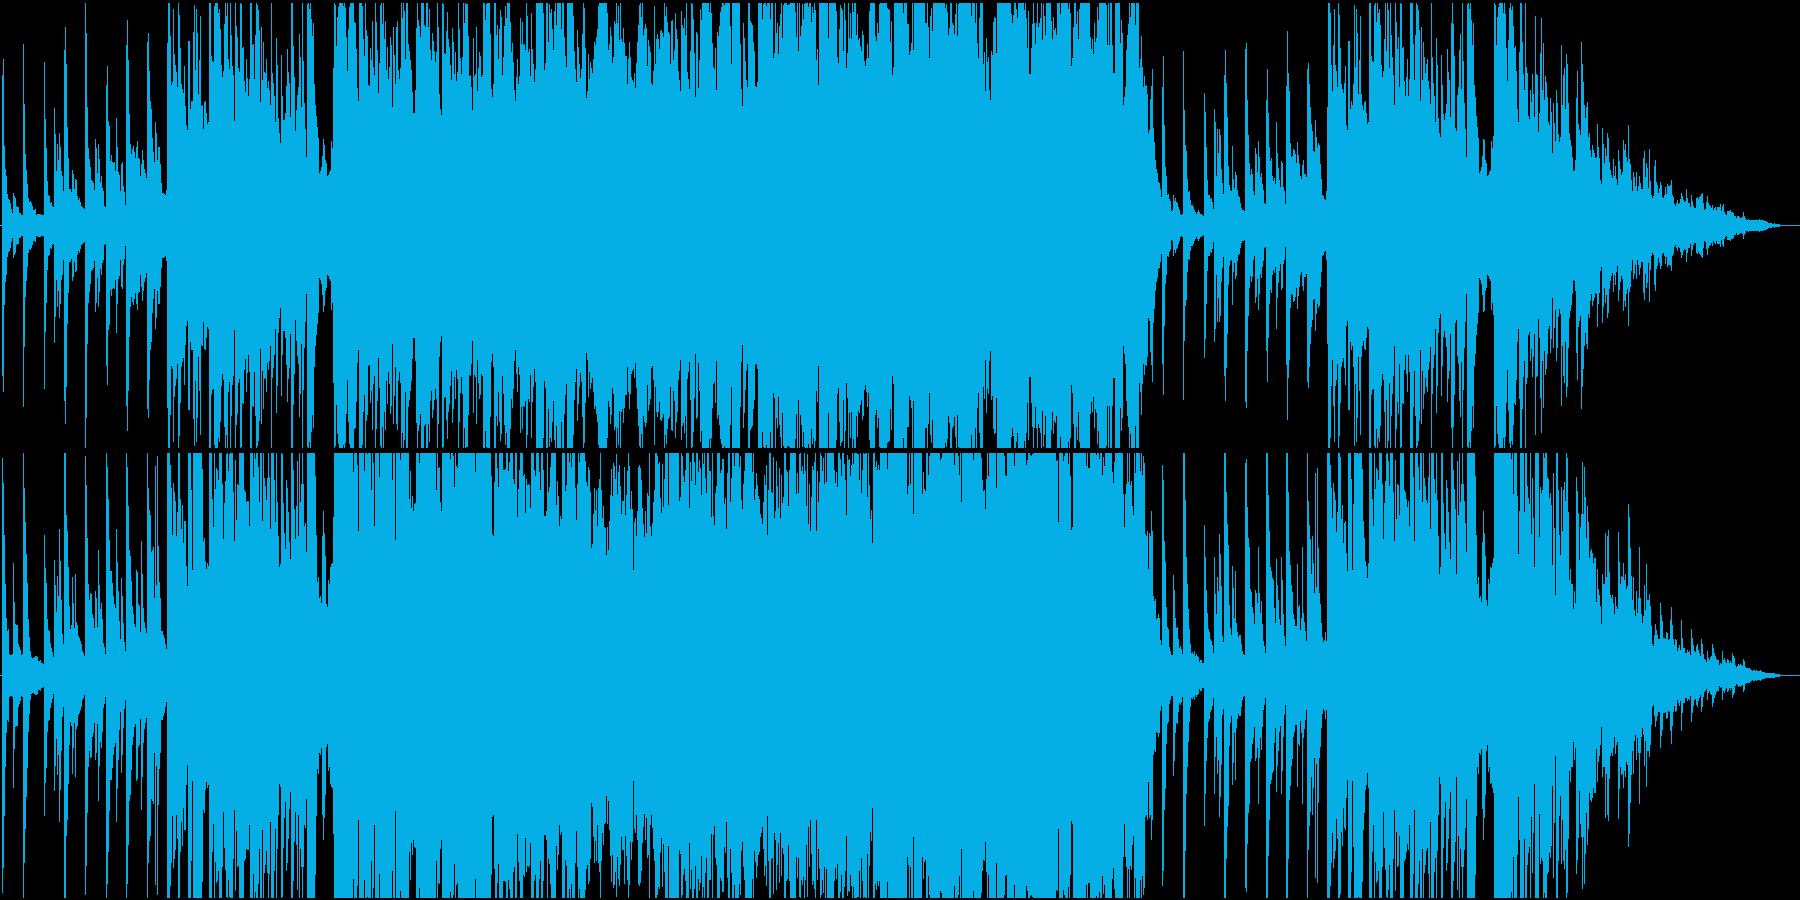 桜舞い散る和風ピアノBGMの再生済みの波形